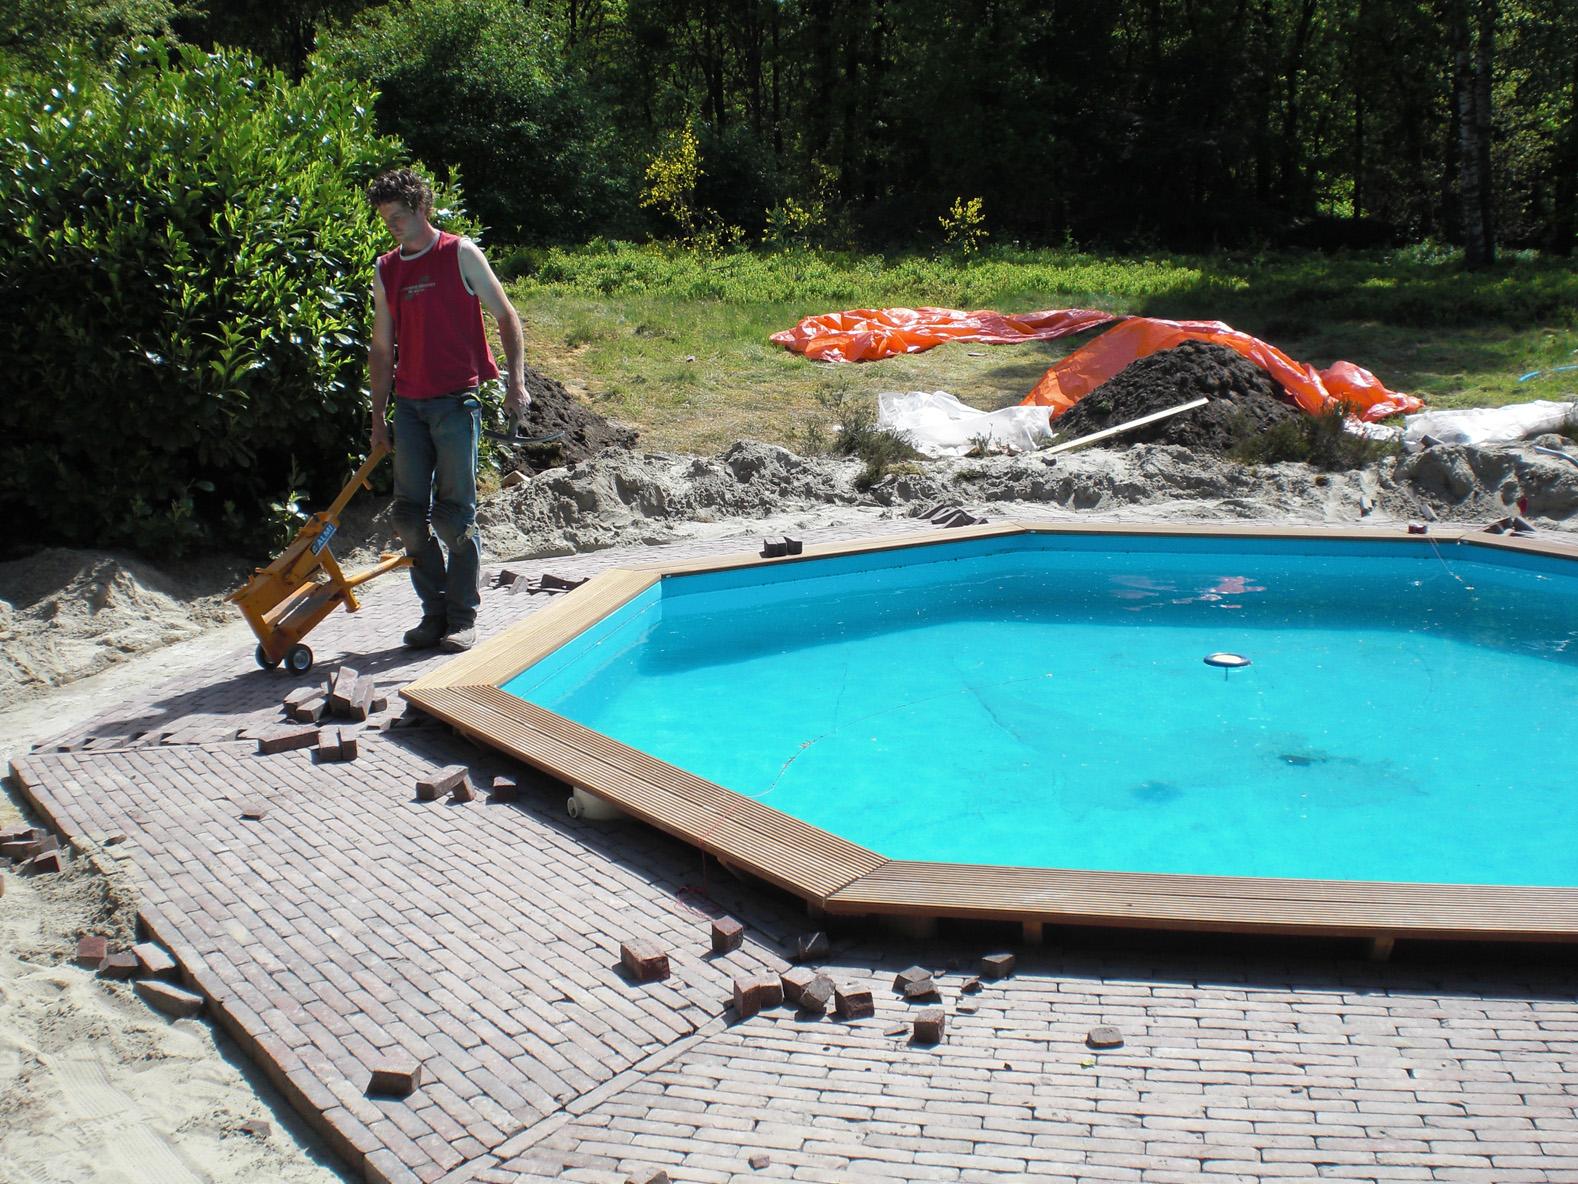 Janse buitenwerken - Ontwikkeling rond een zwembad ...